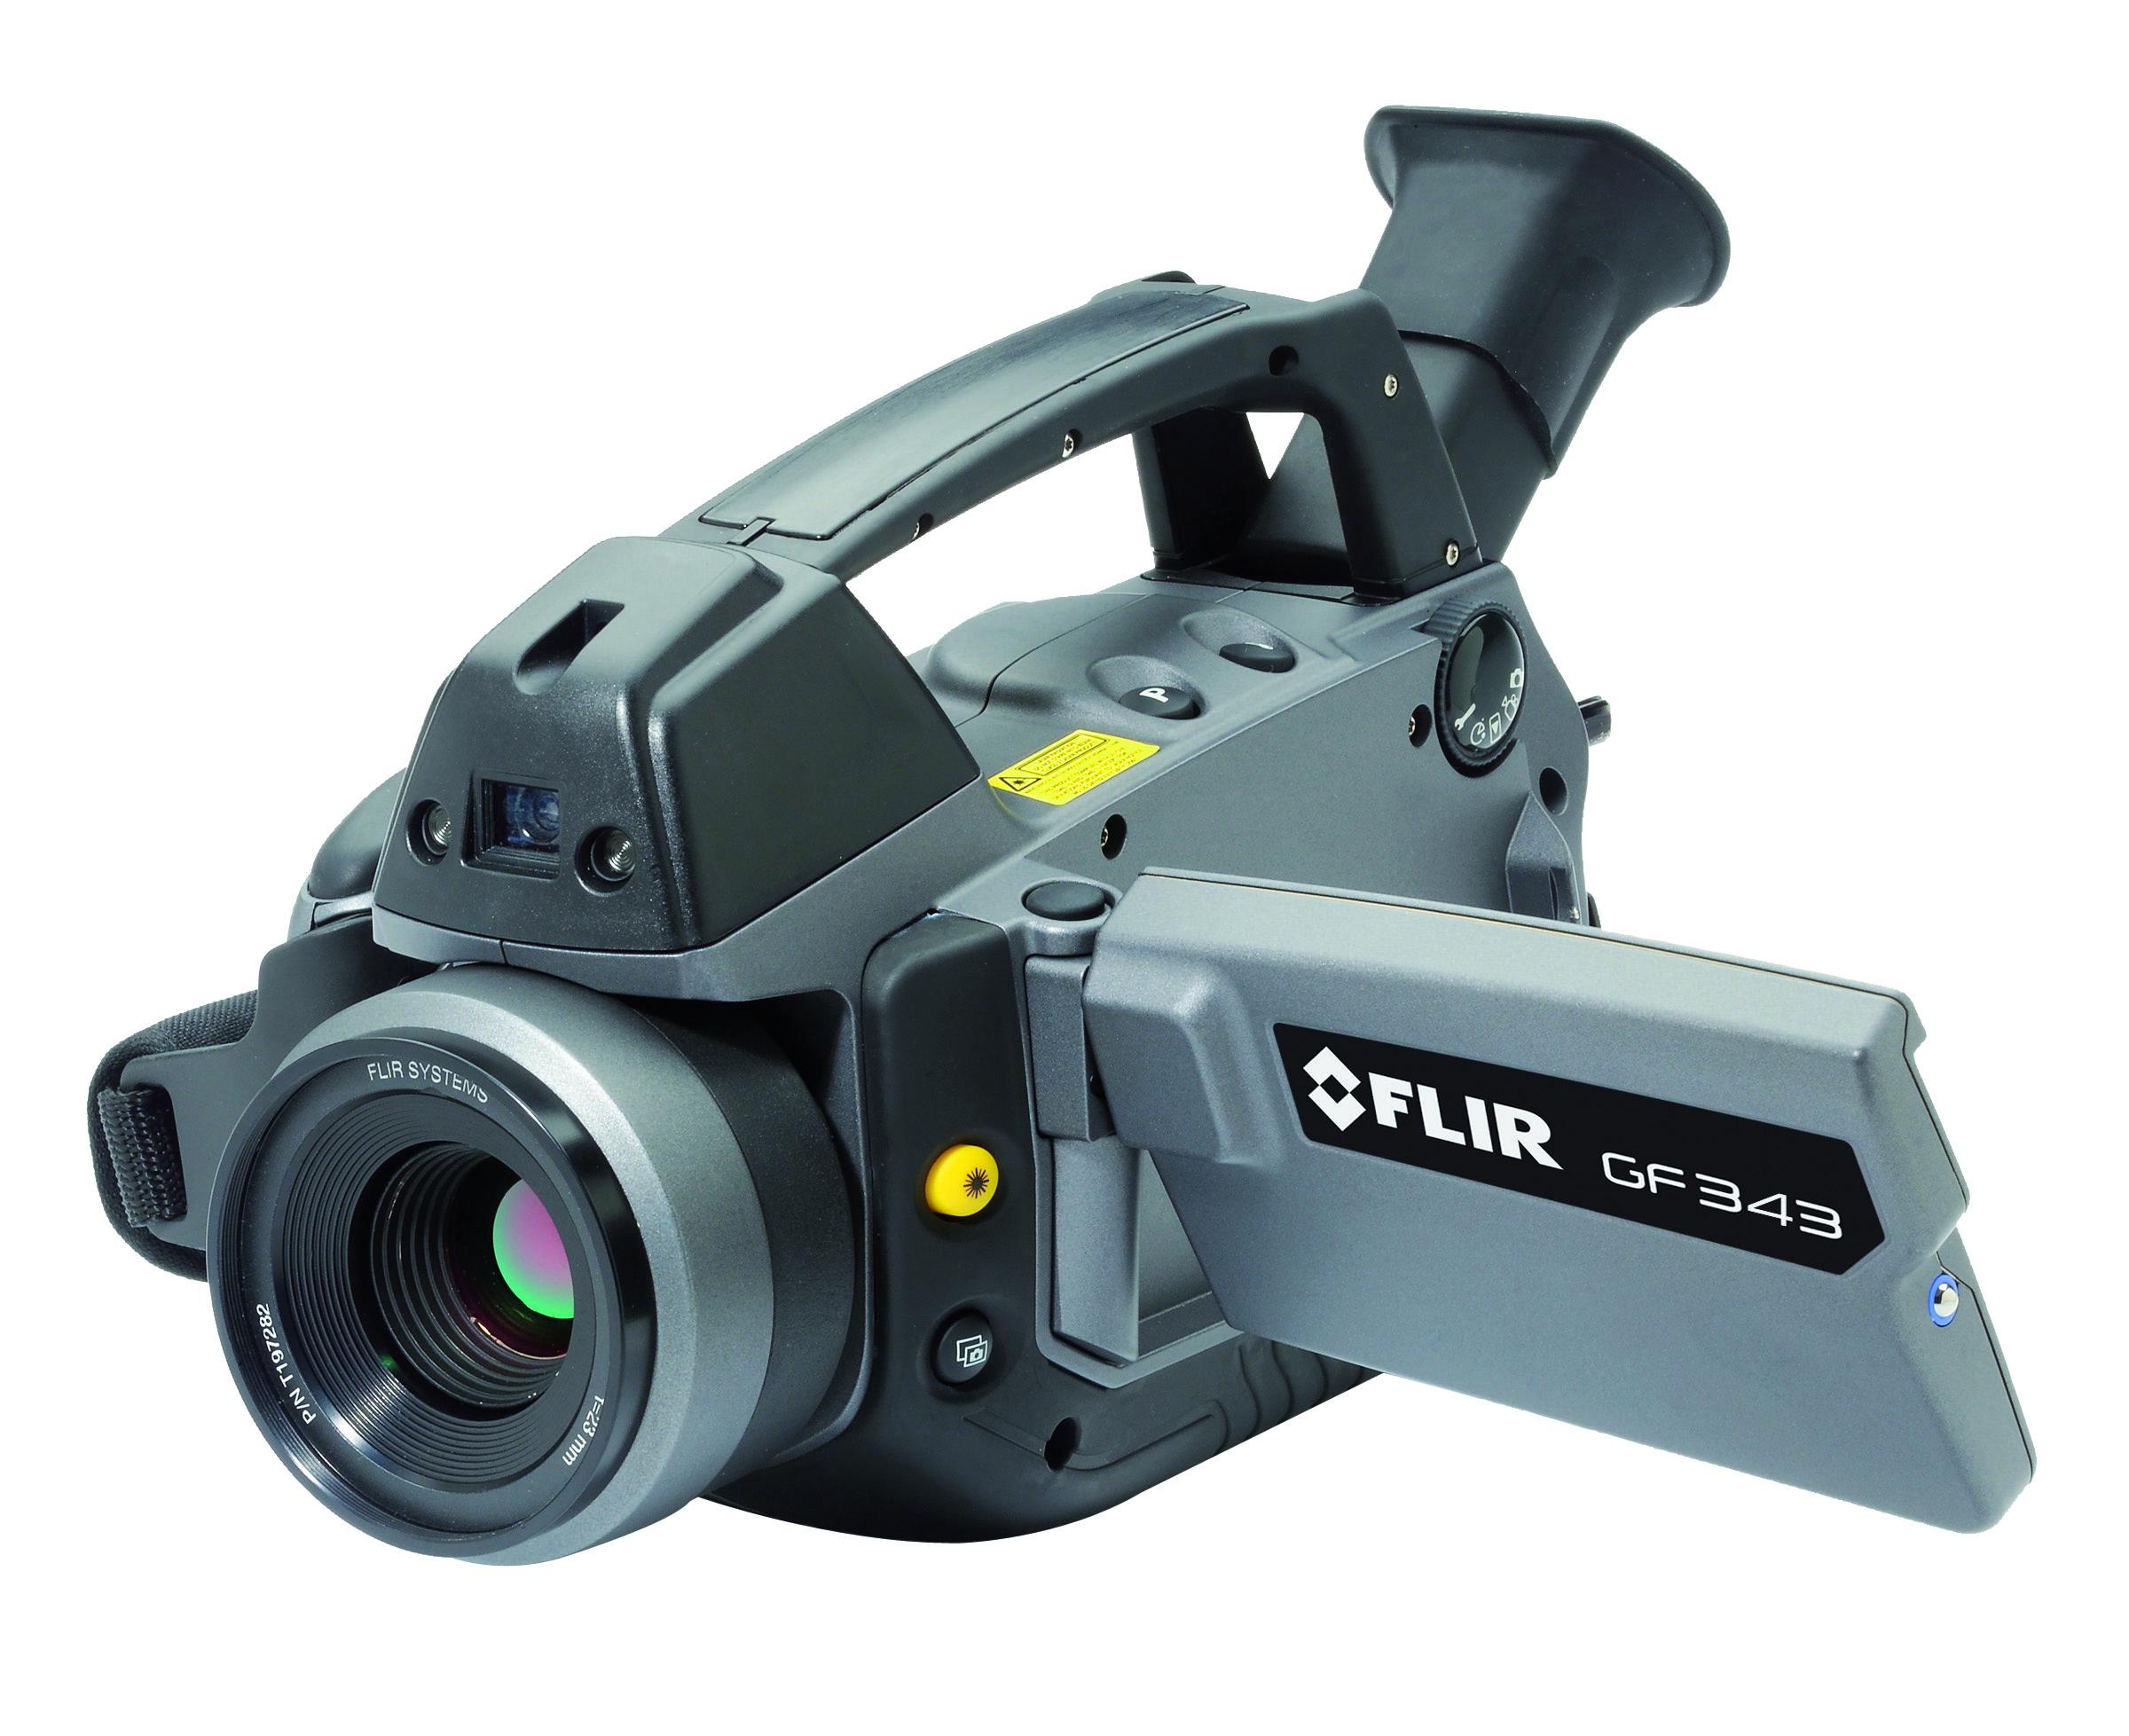 FLIR GF343 infrakamera